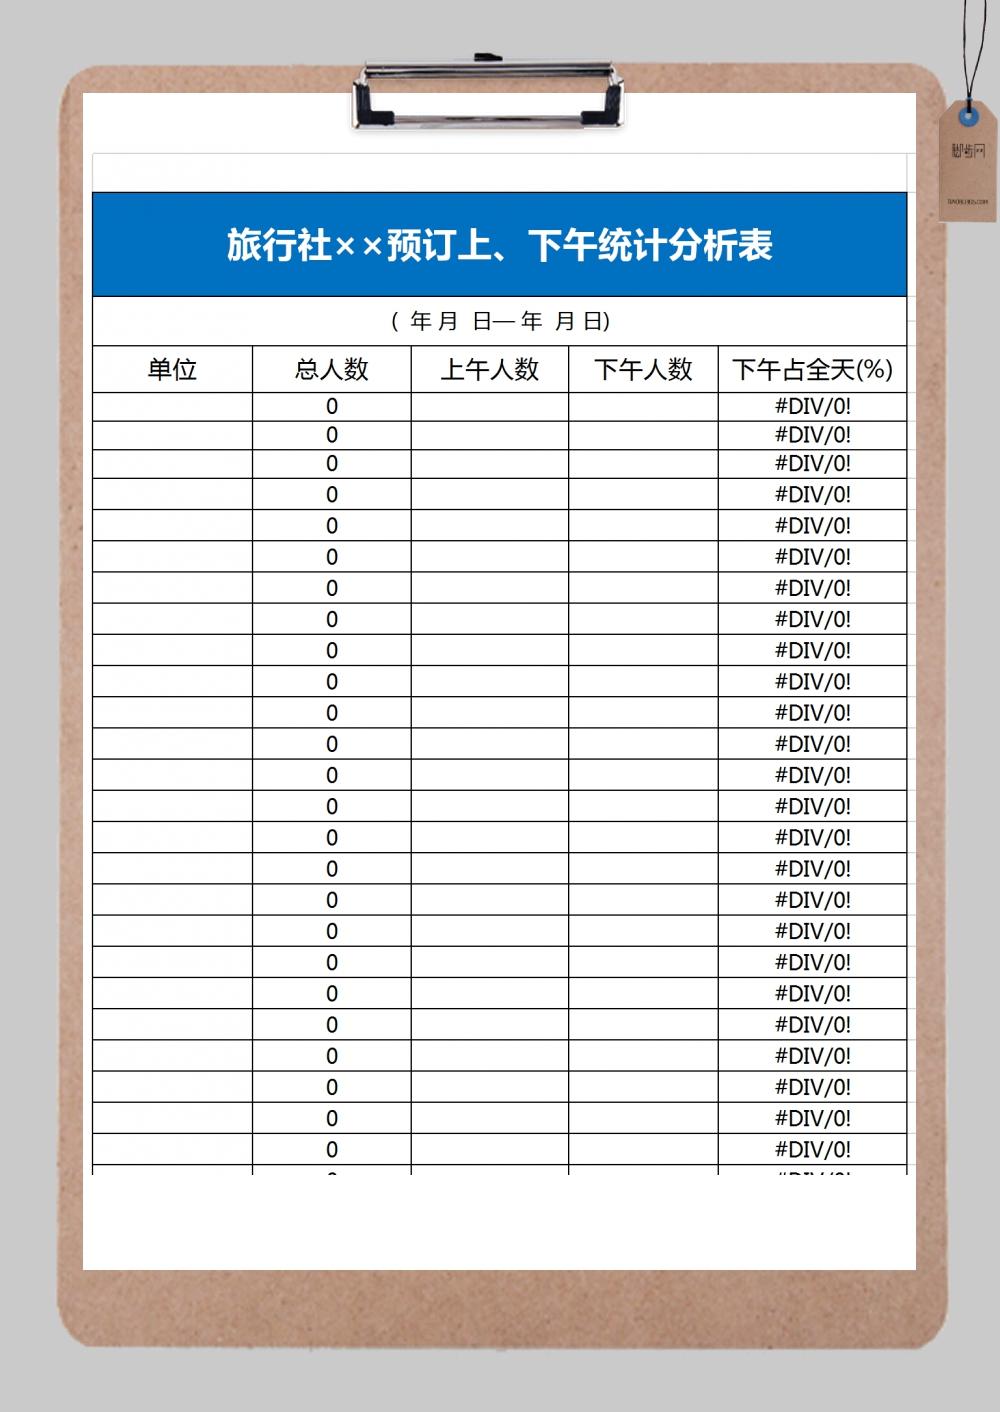 旅行社预订统计分析表excel模板